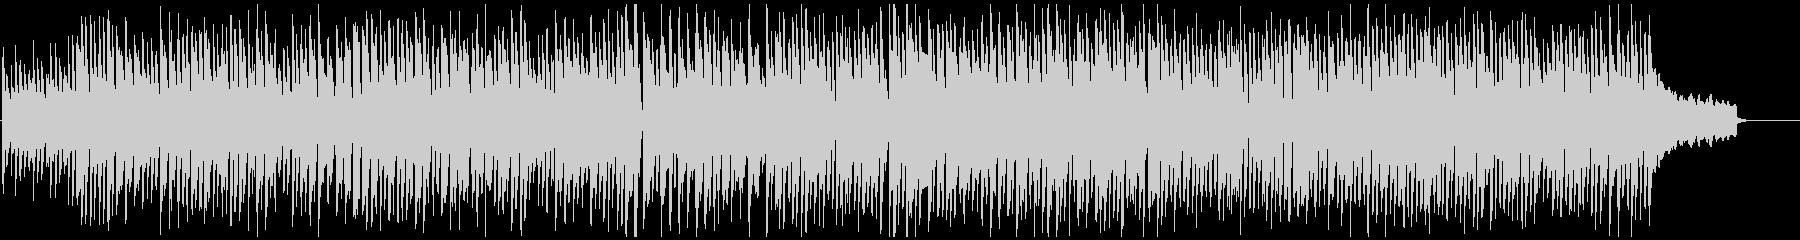 わくわく元気なリコーダー曲、カートゥーンの未再生の波形